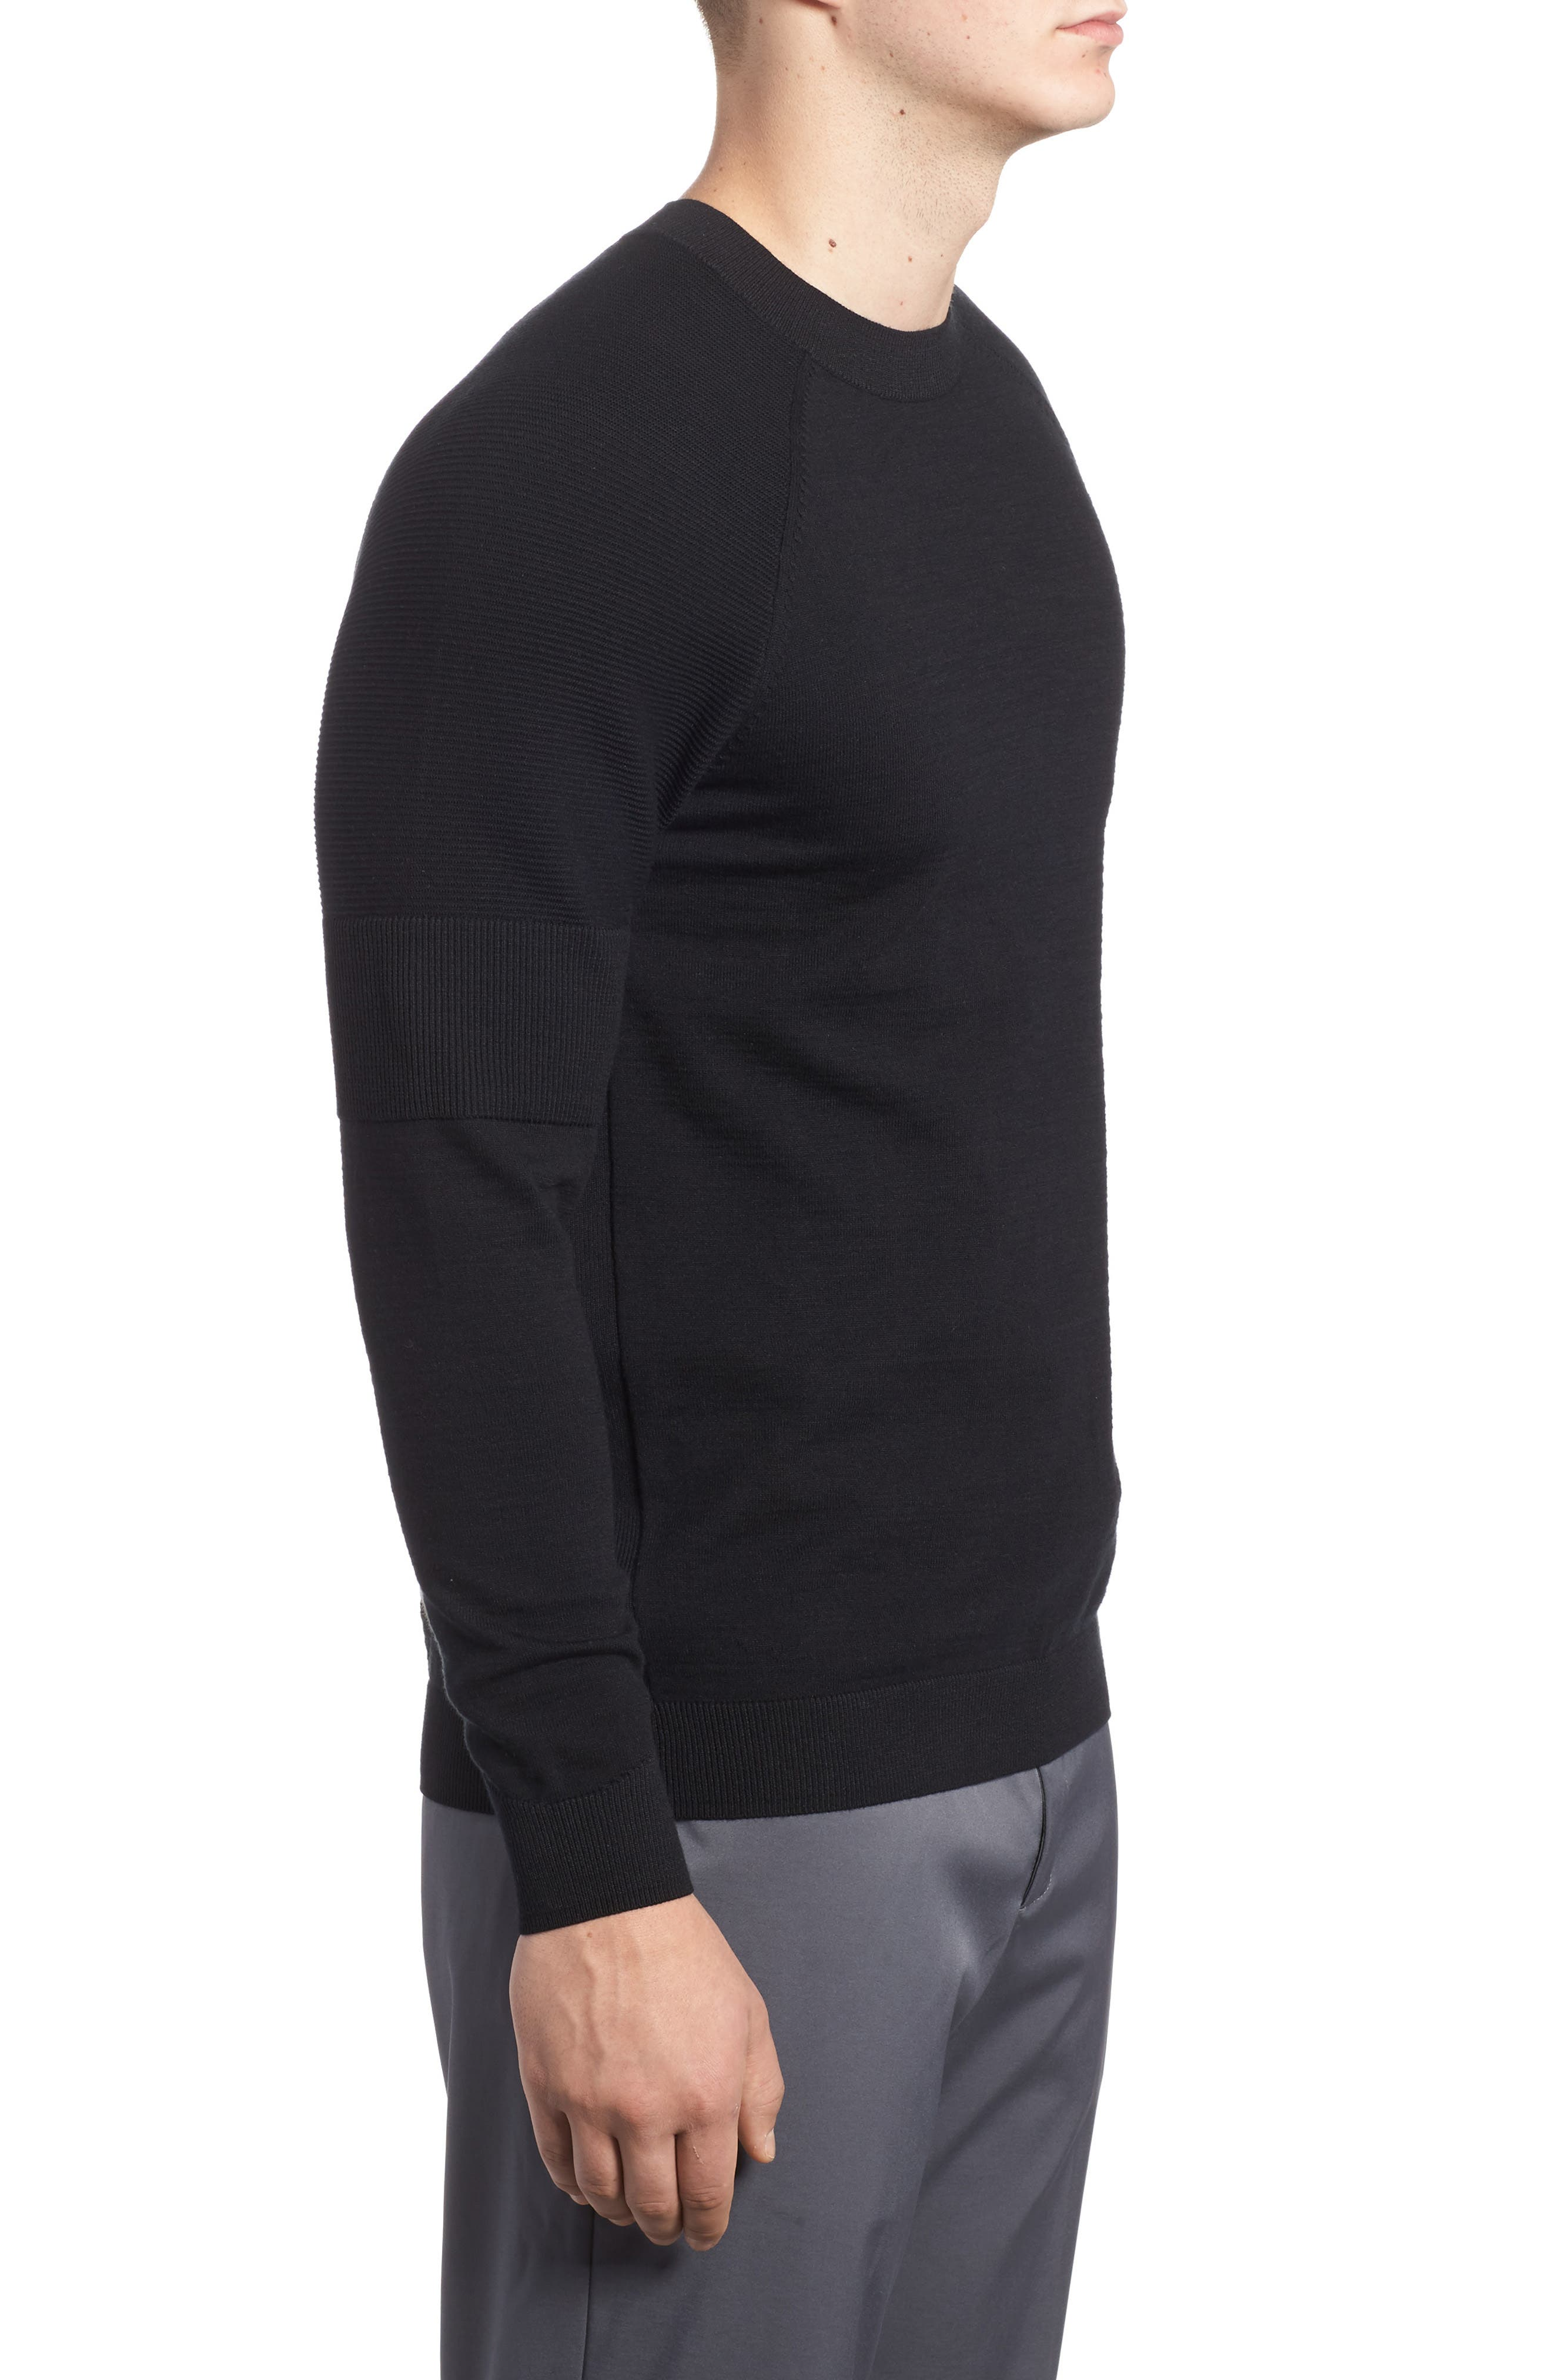 TW Cotton Blend Sweatshirt,                             Alternate thumbnail 3, color,                             Black/ Black